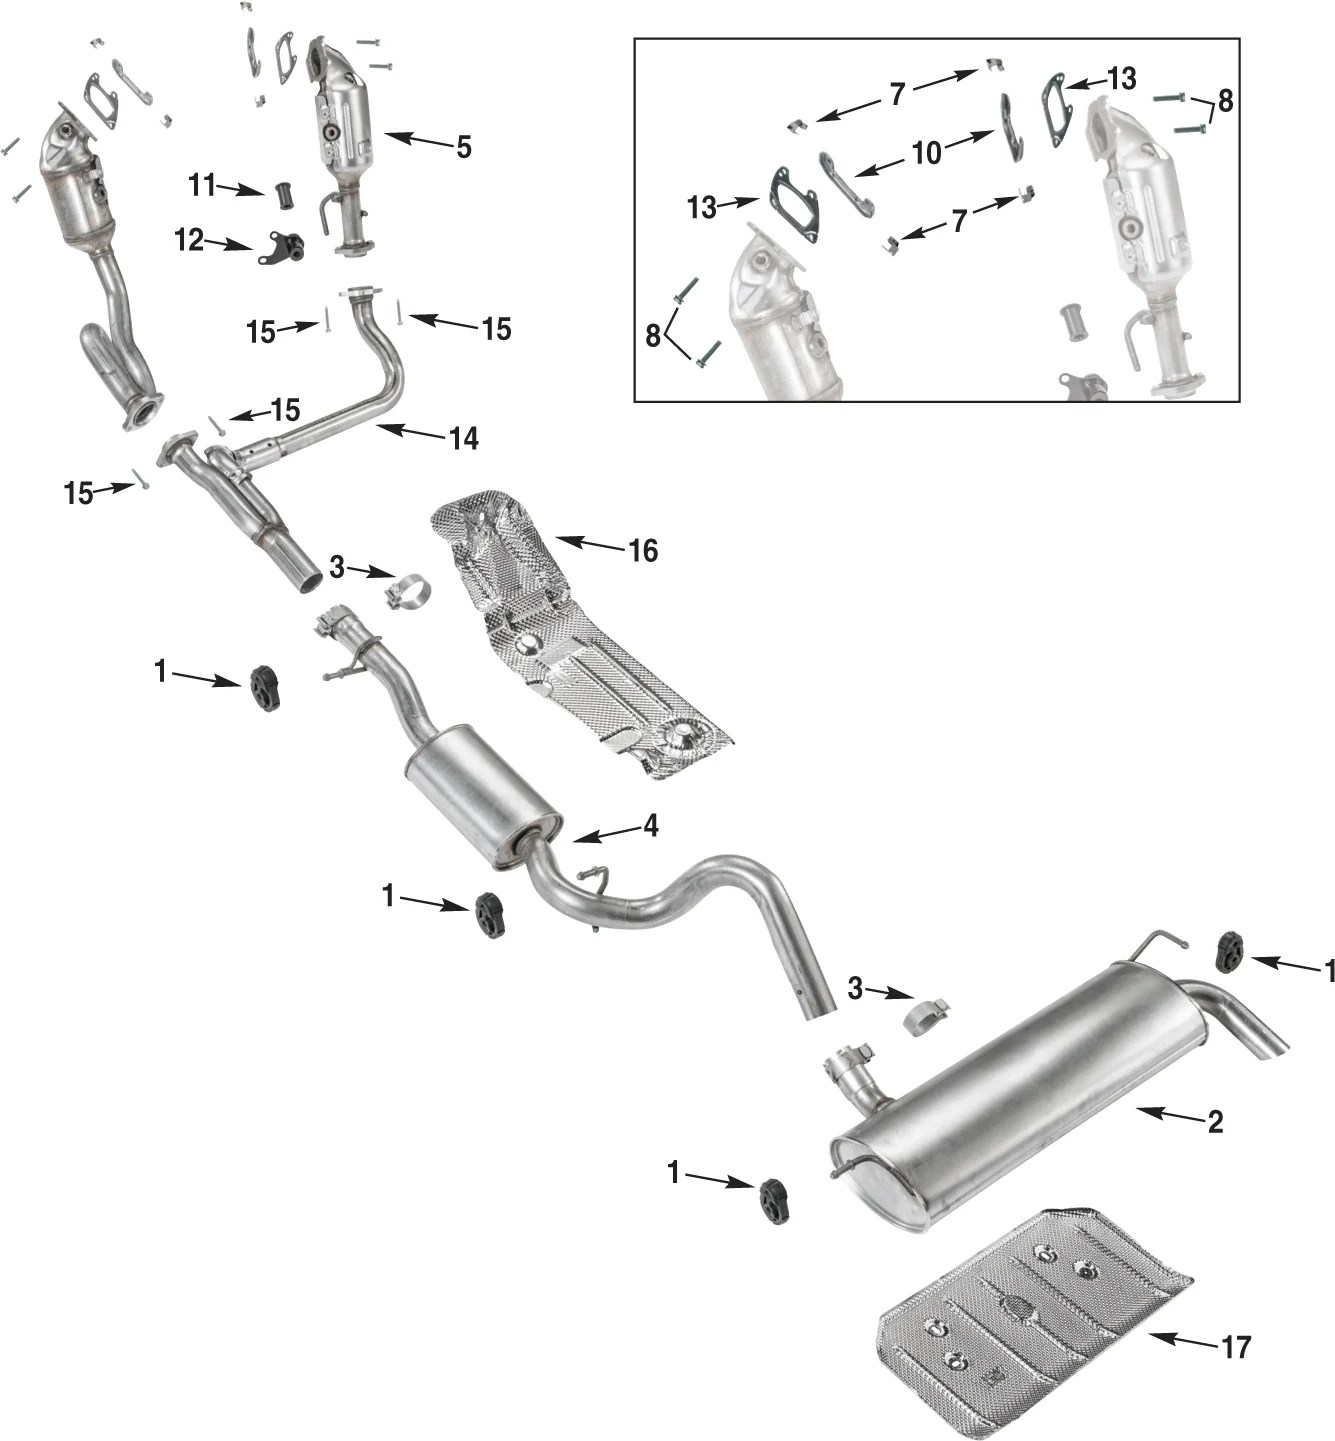 Jeep Wrangler Jk Exhaust Parts 12 18